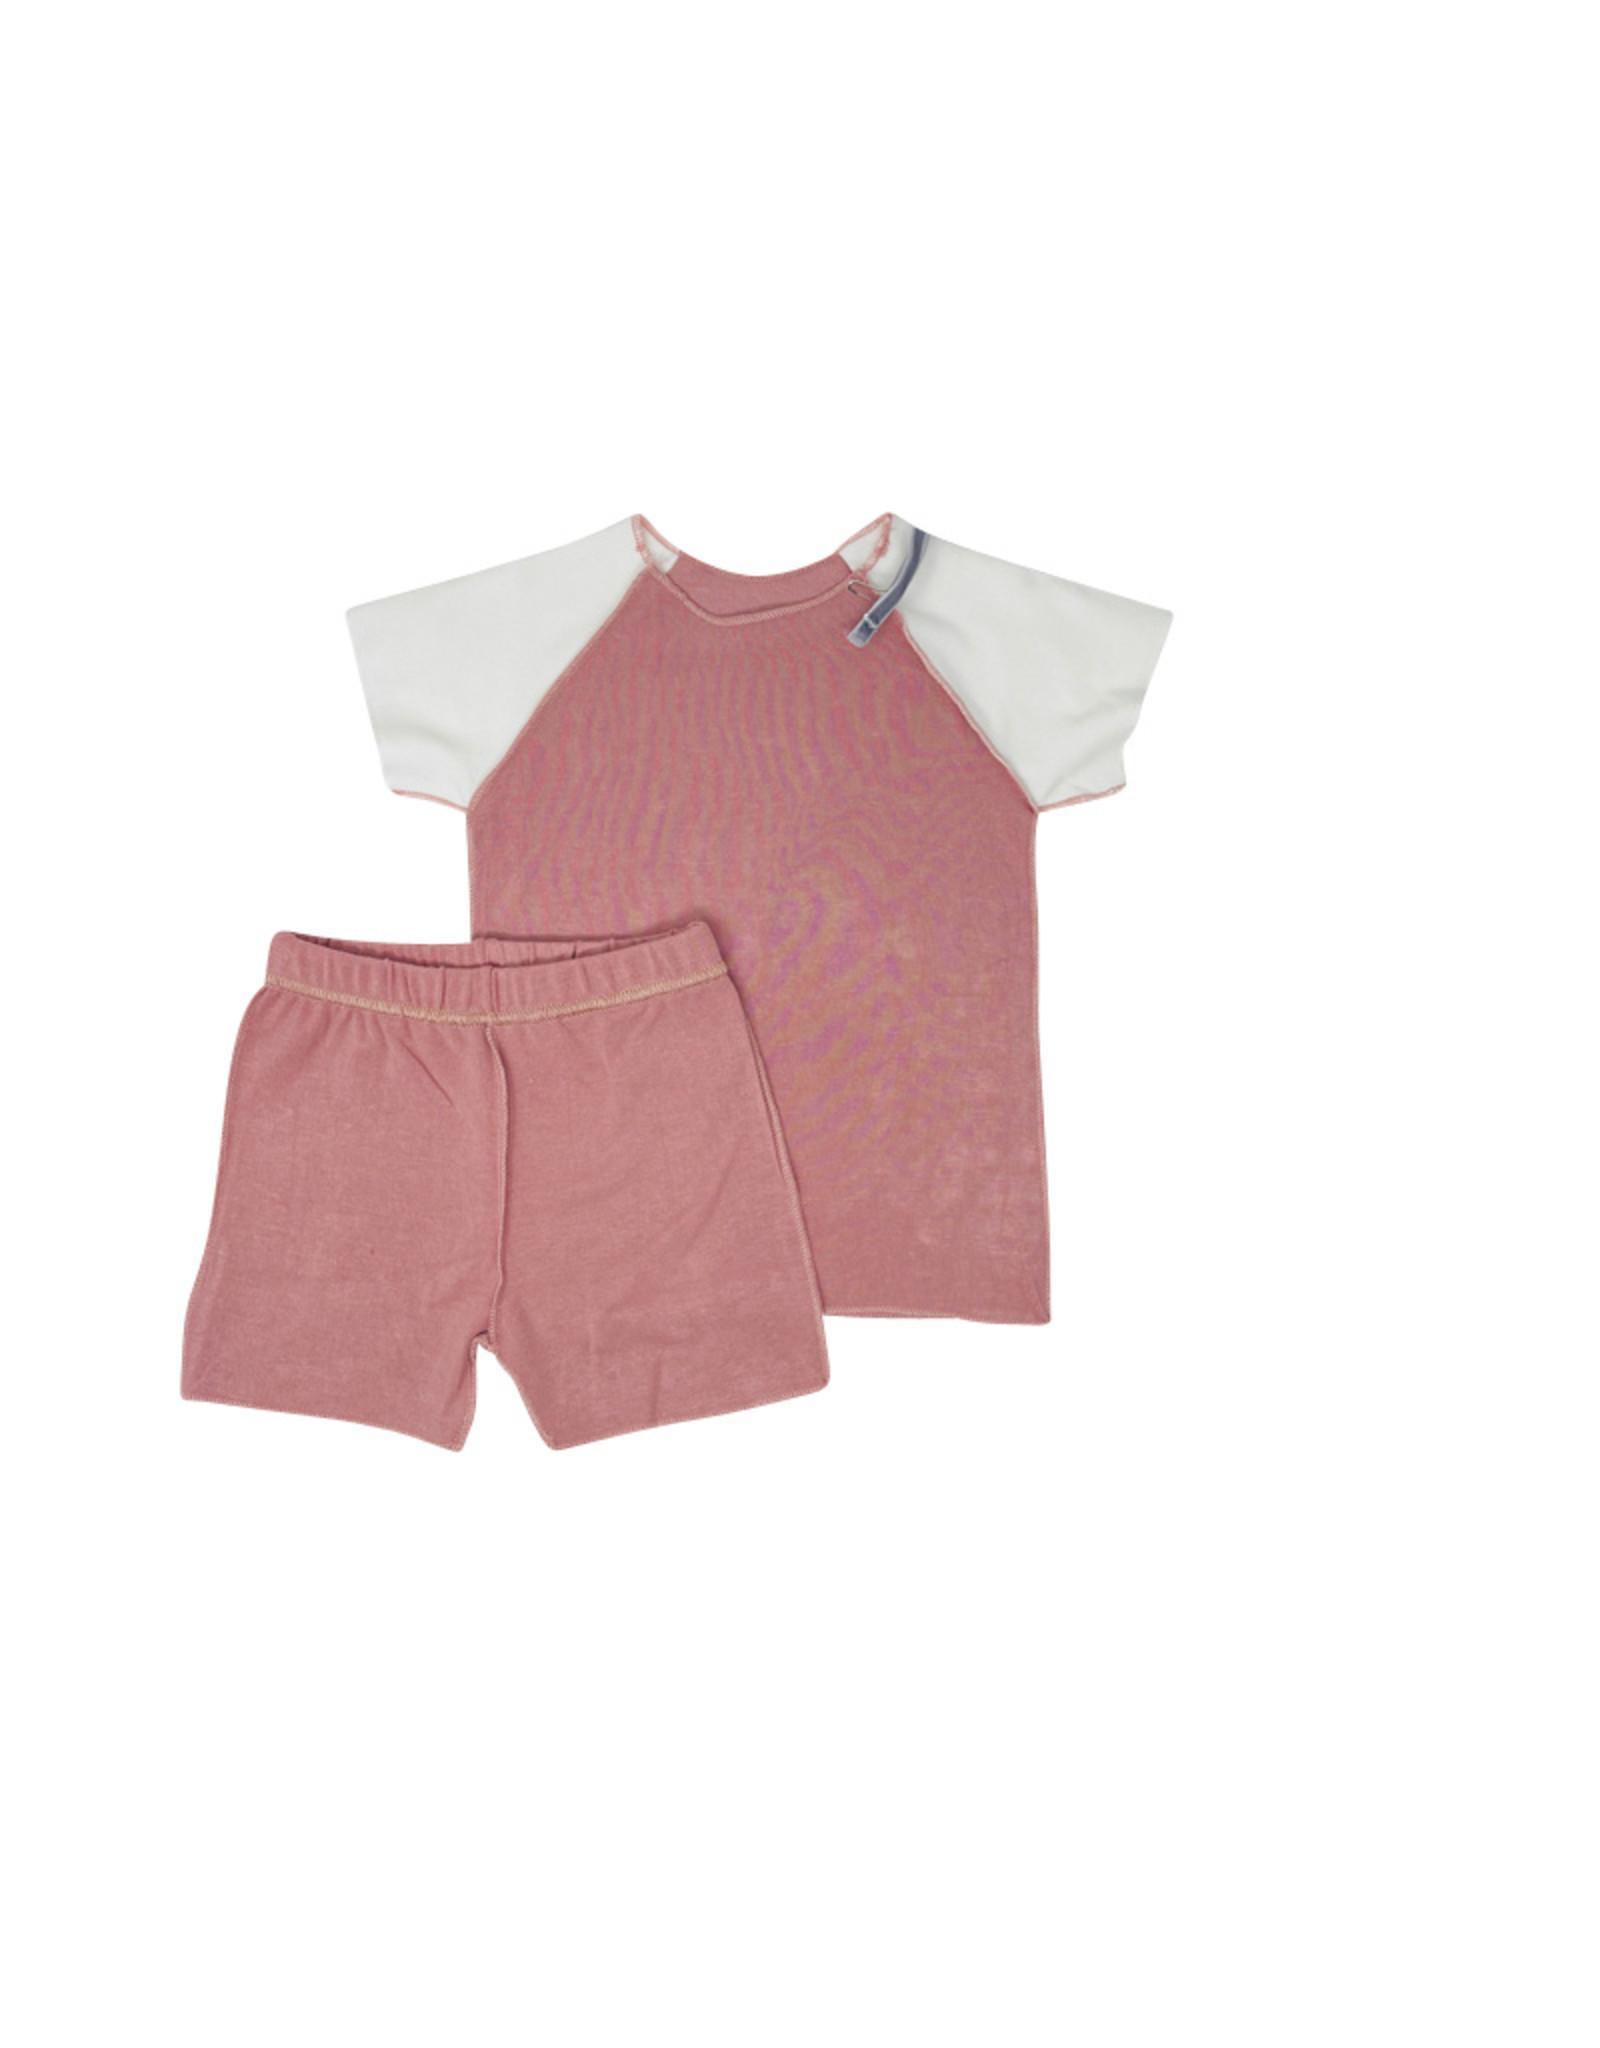 HATCH'd HATCH'D Short Sleeve/Shorts Colorblock Inside Out Set